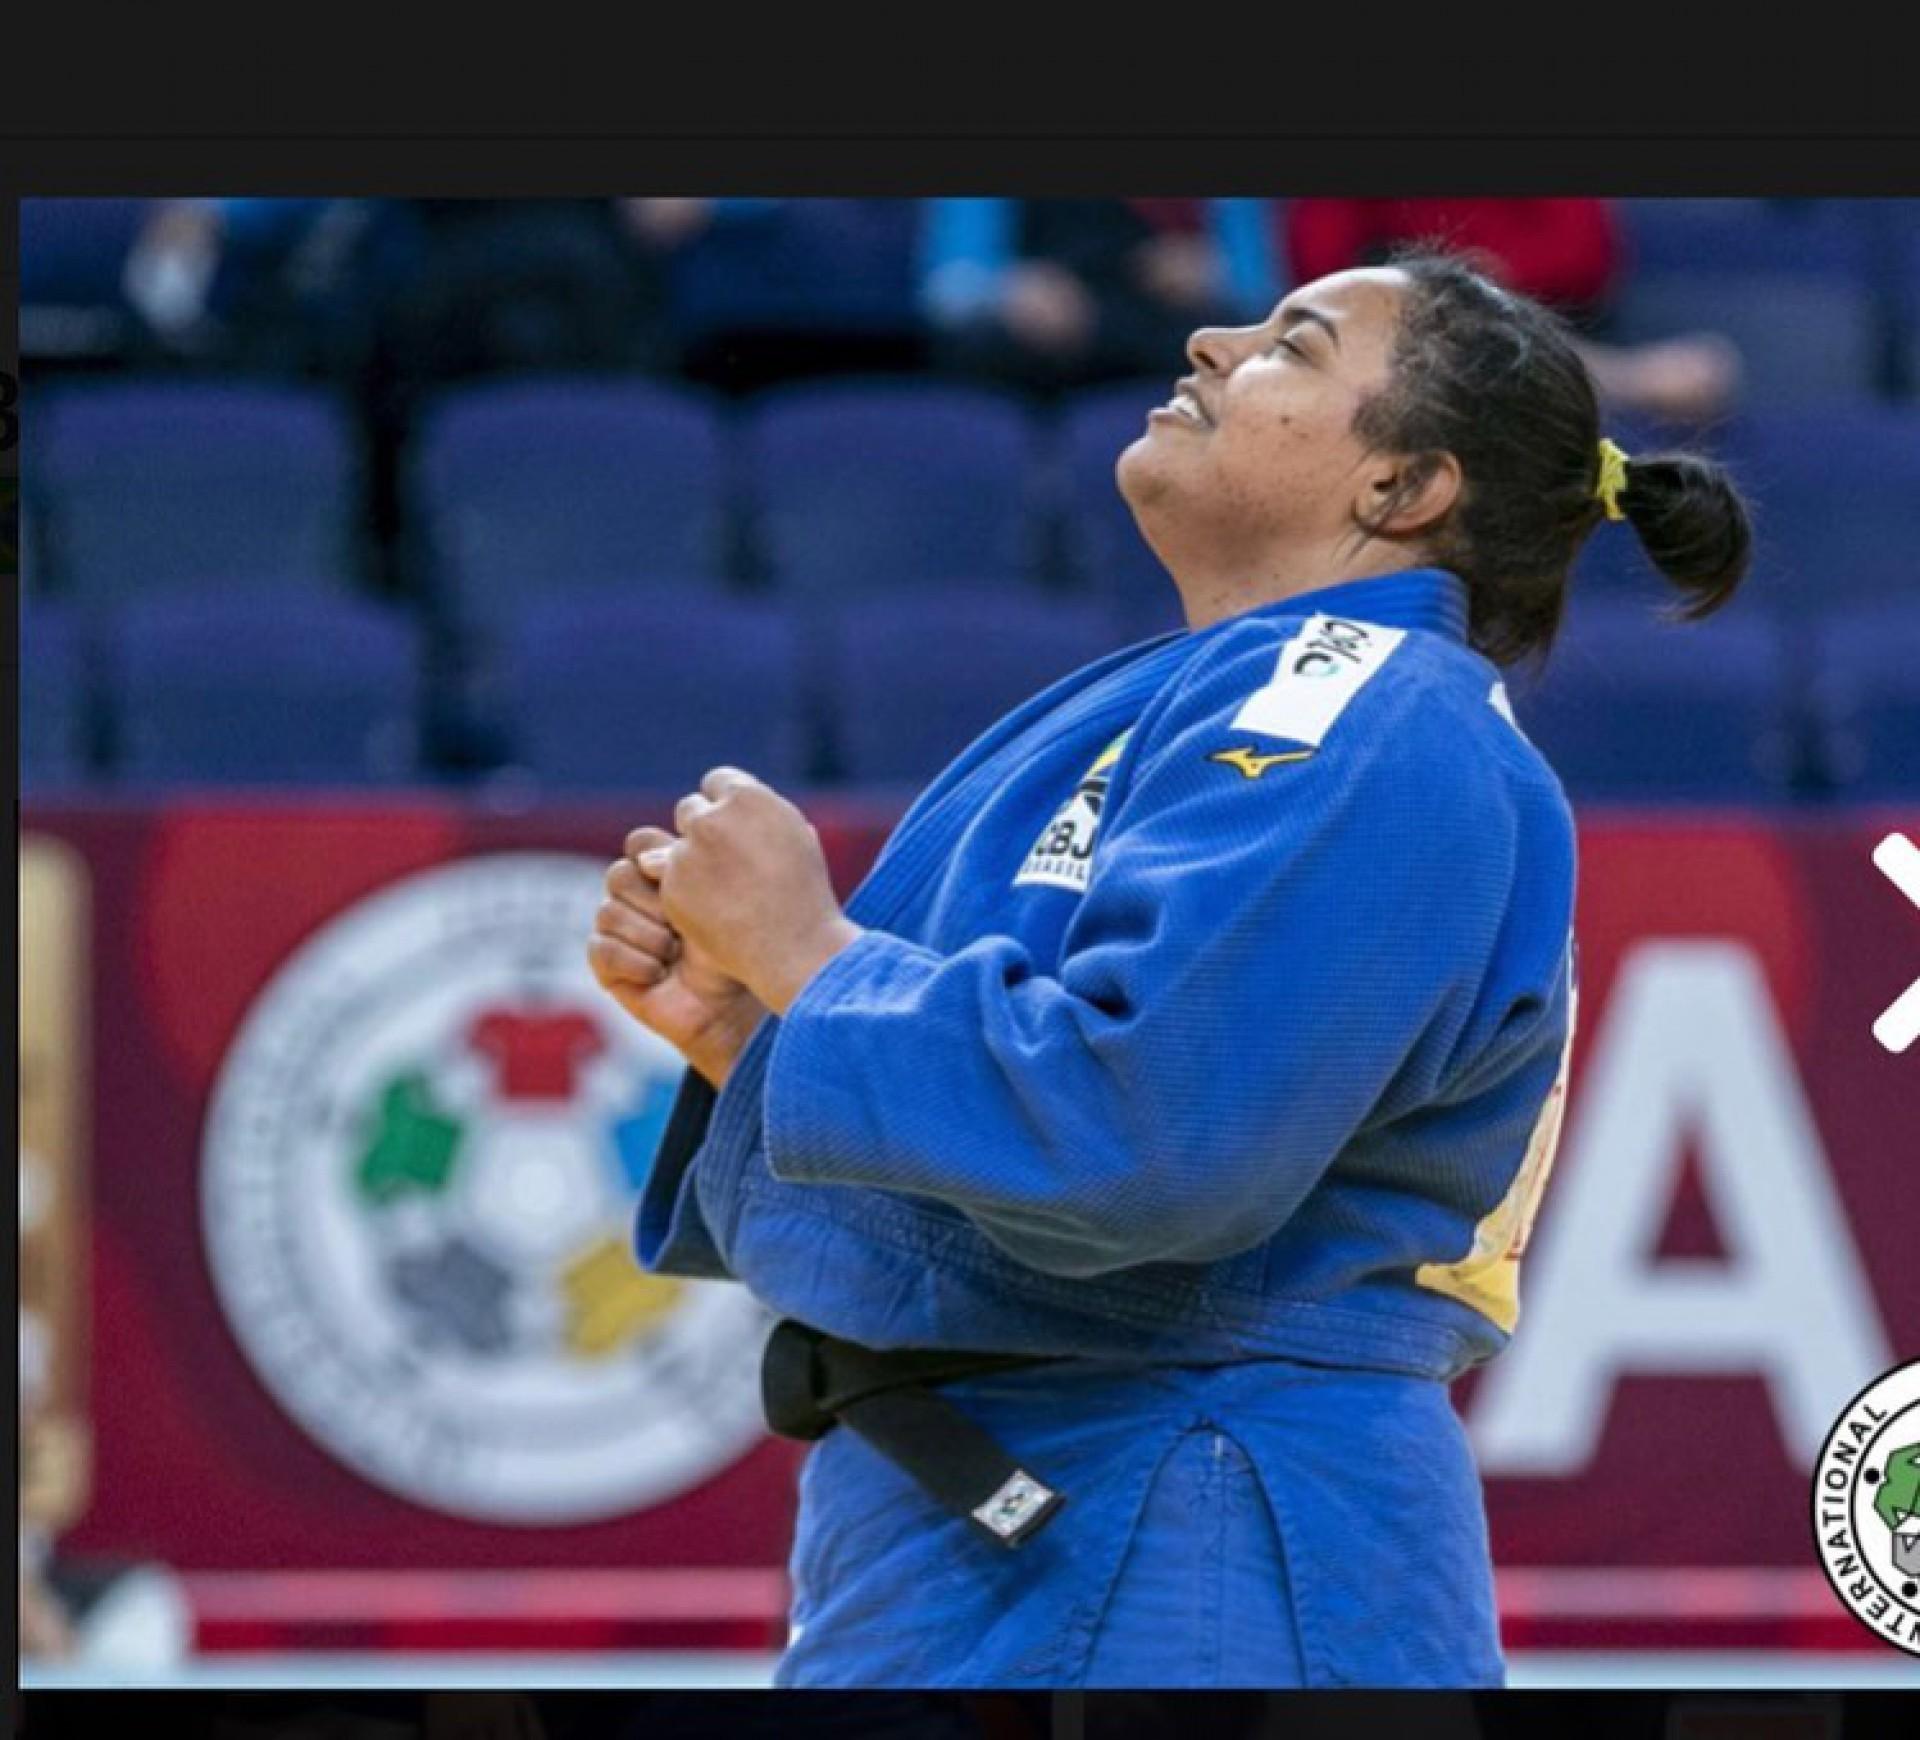 Maria Suelen Altheman estreou diante da atleta Anamari Velenek, da Eslovênia